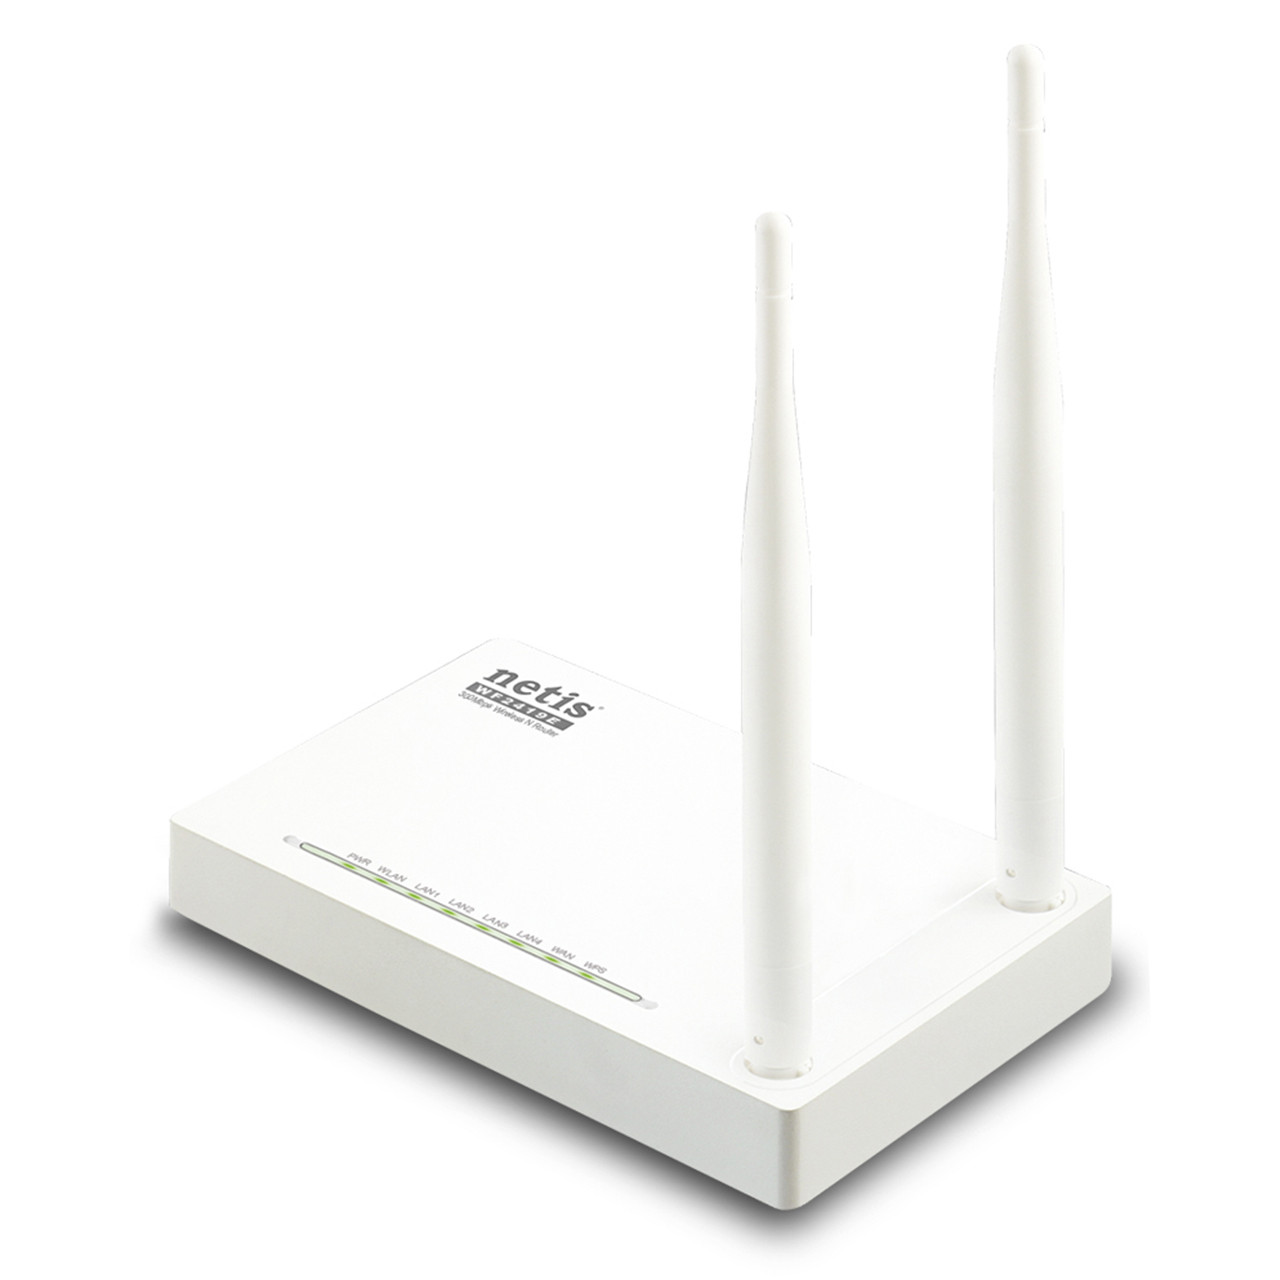 Маршрутизатор NETIS WF2419E роутер точка доступа две антенны